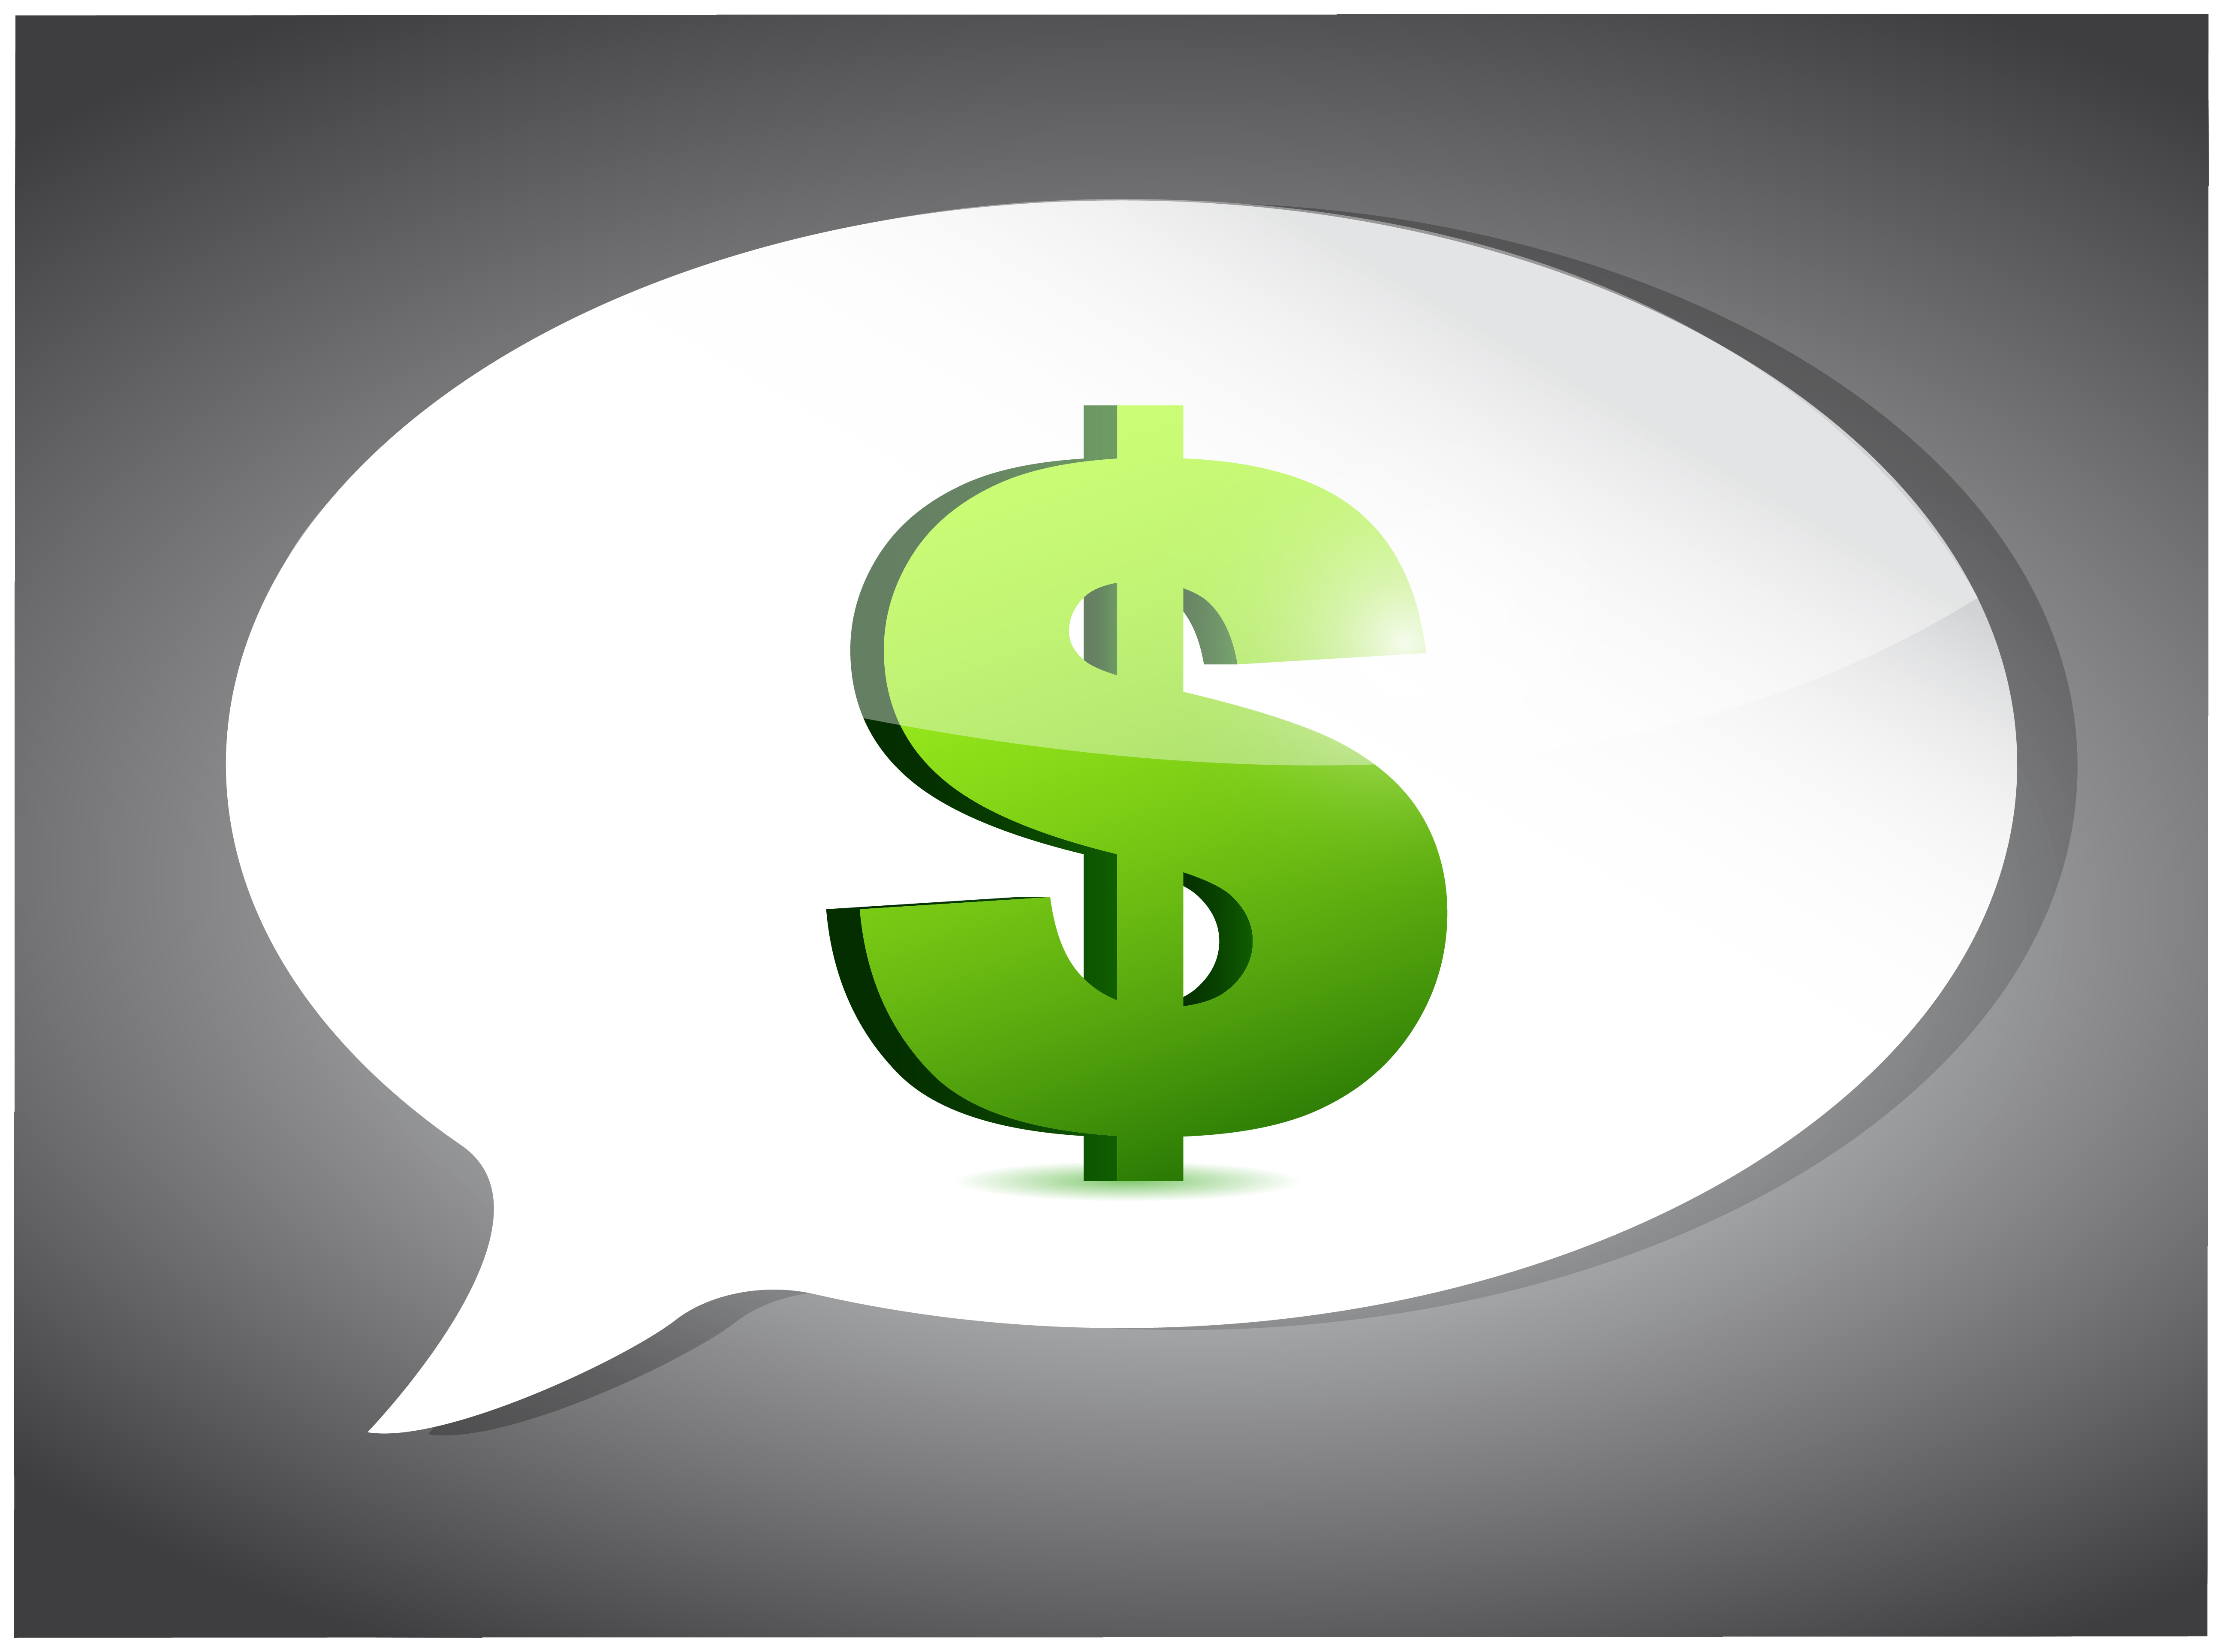 https://assets.sourcemedia.com/a0/44/b2443ae049e7860a0d5d9d12eaf8/speech-bubble-dollar-sign-53884227-adobe.jpeg